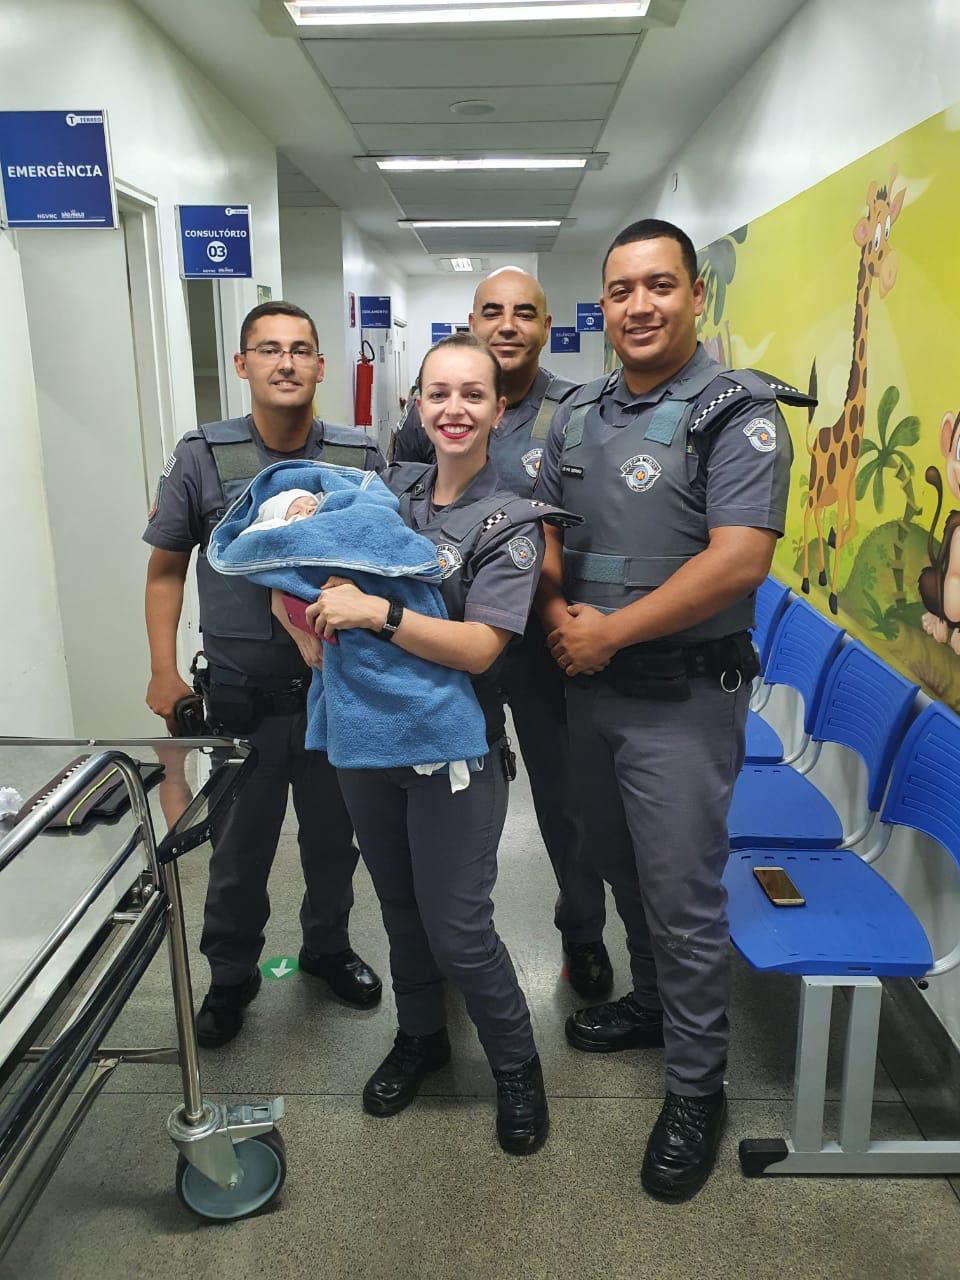 Policiais encontraram a menina parcialmente submersa em meio à sujeira do esgoto. Foto: Divulgação/PMSP